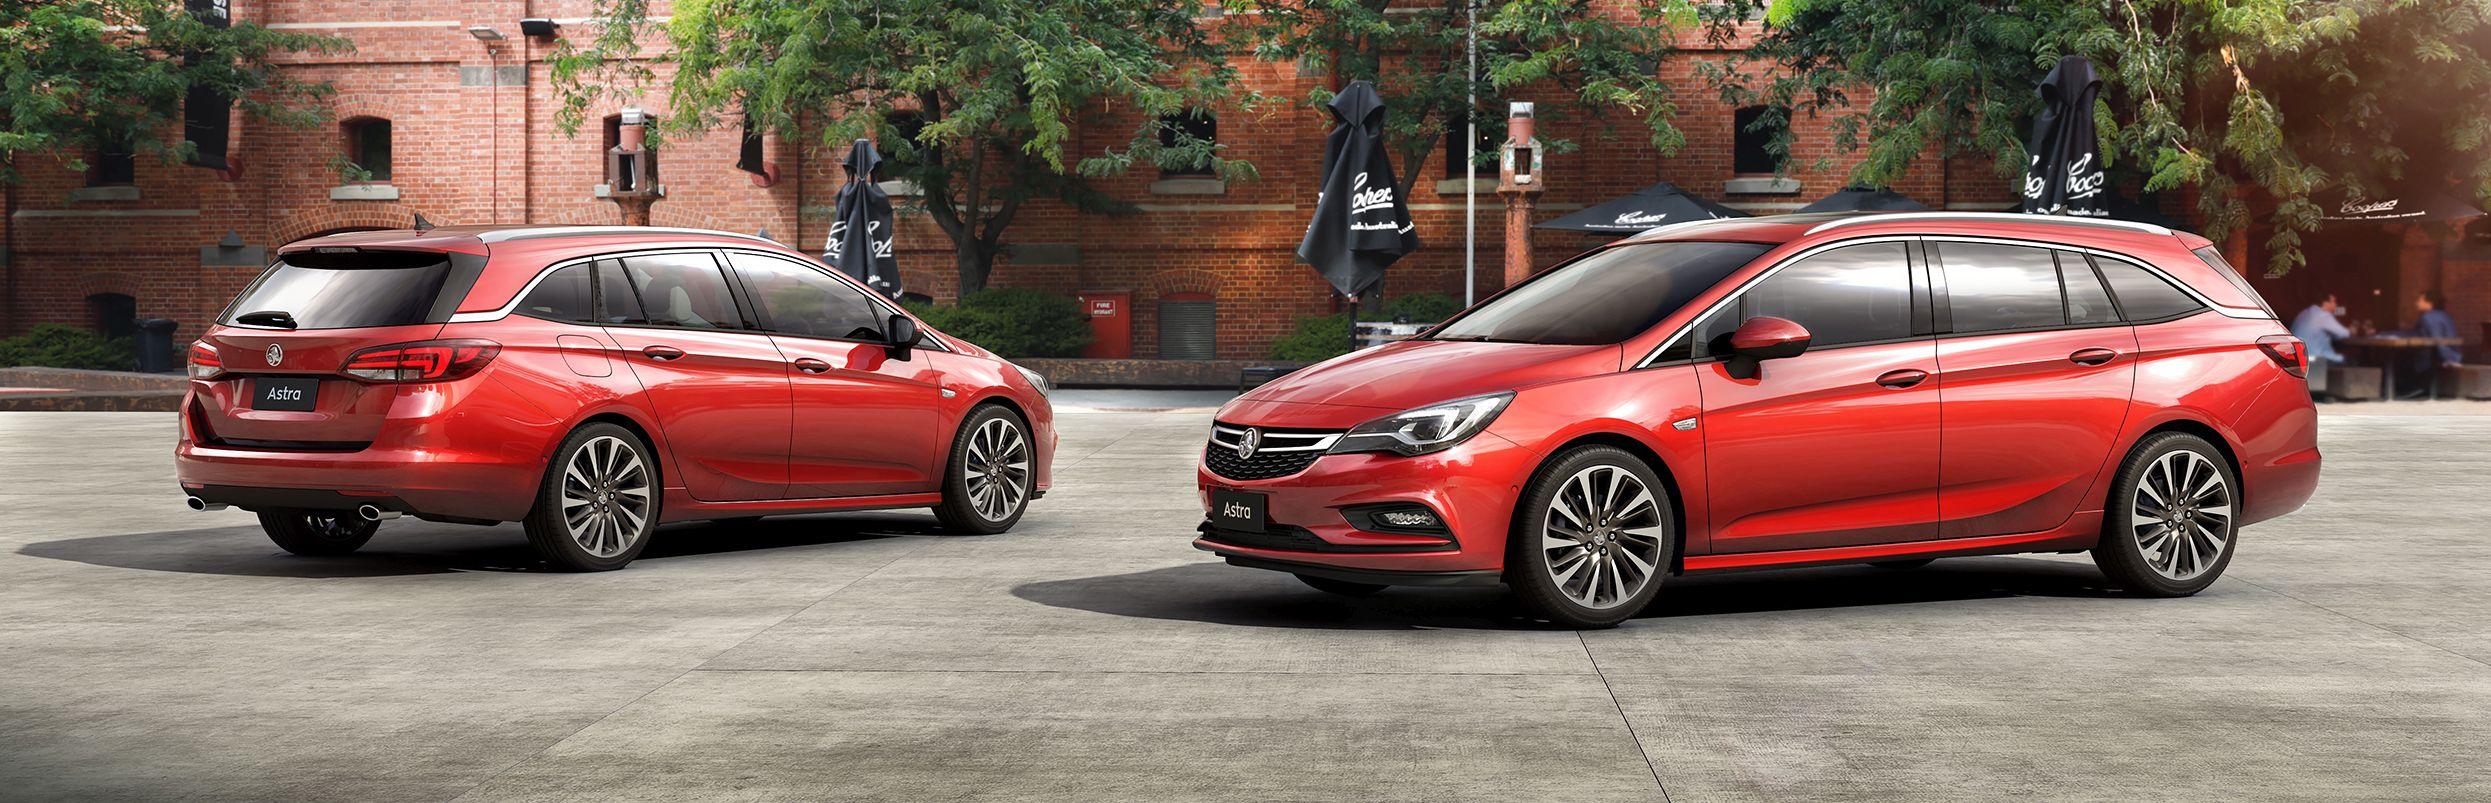 Holden's Astra Sportwagon Heading to Australia